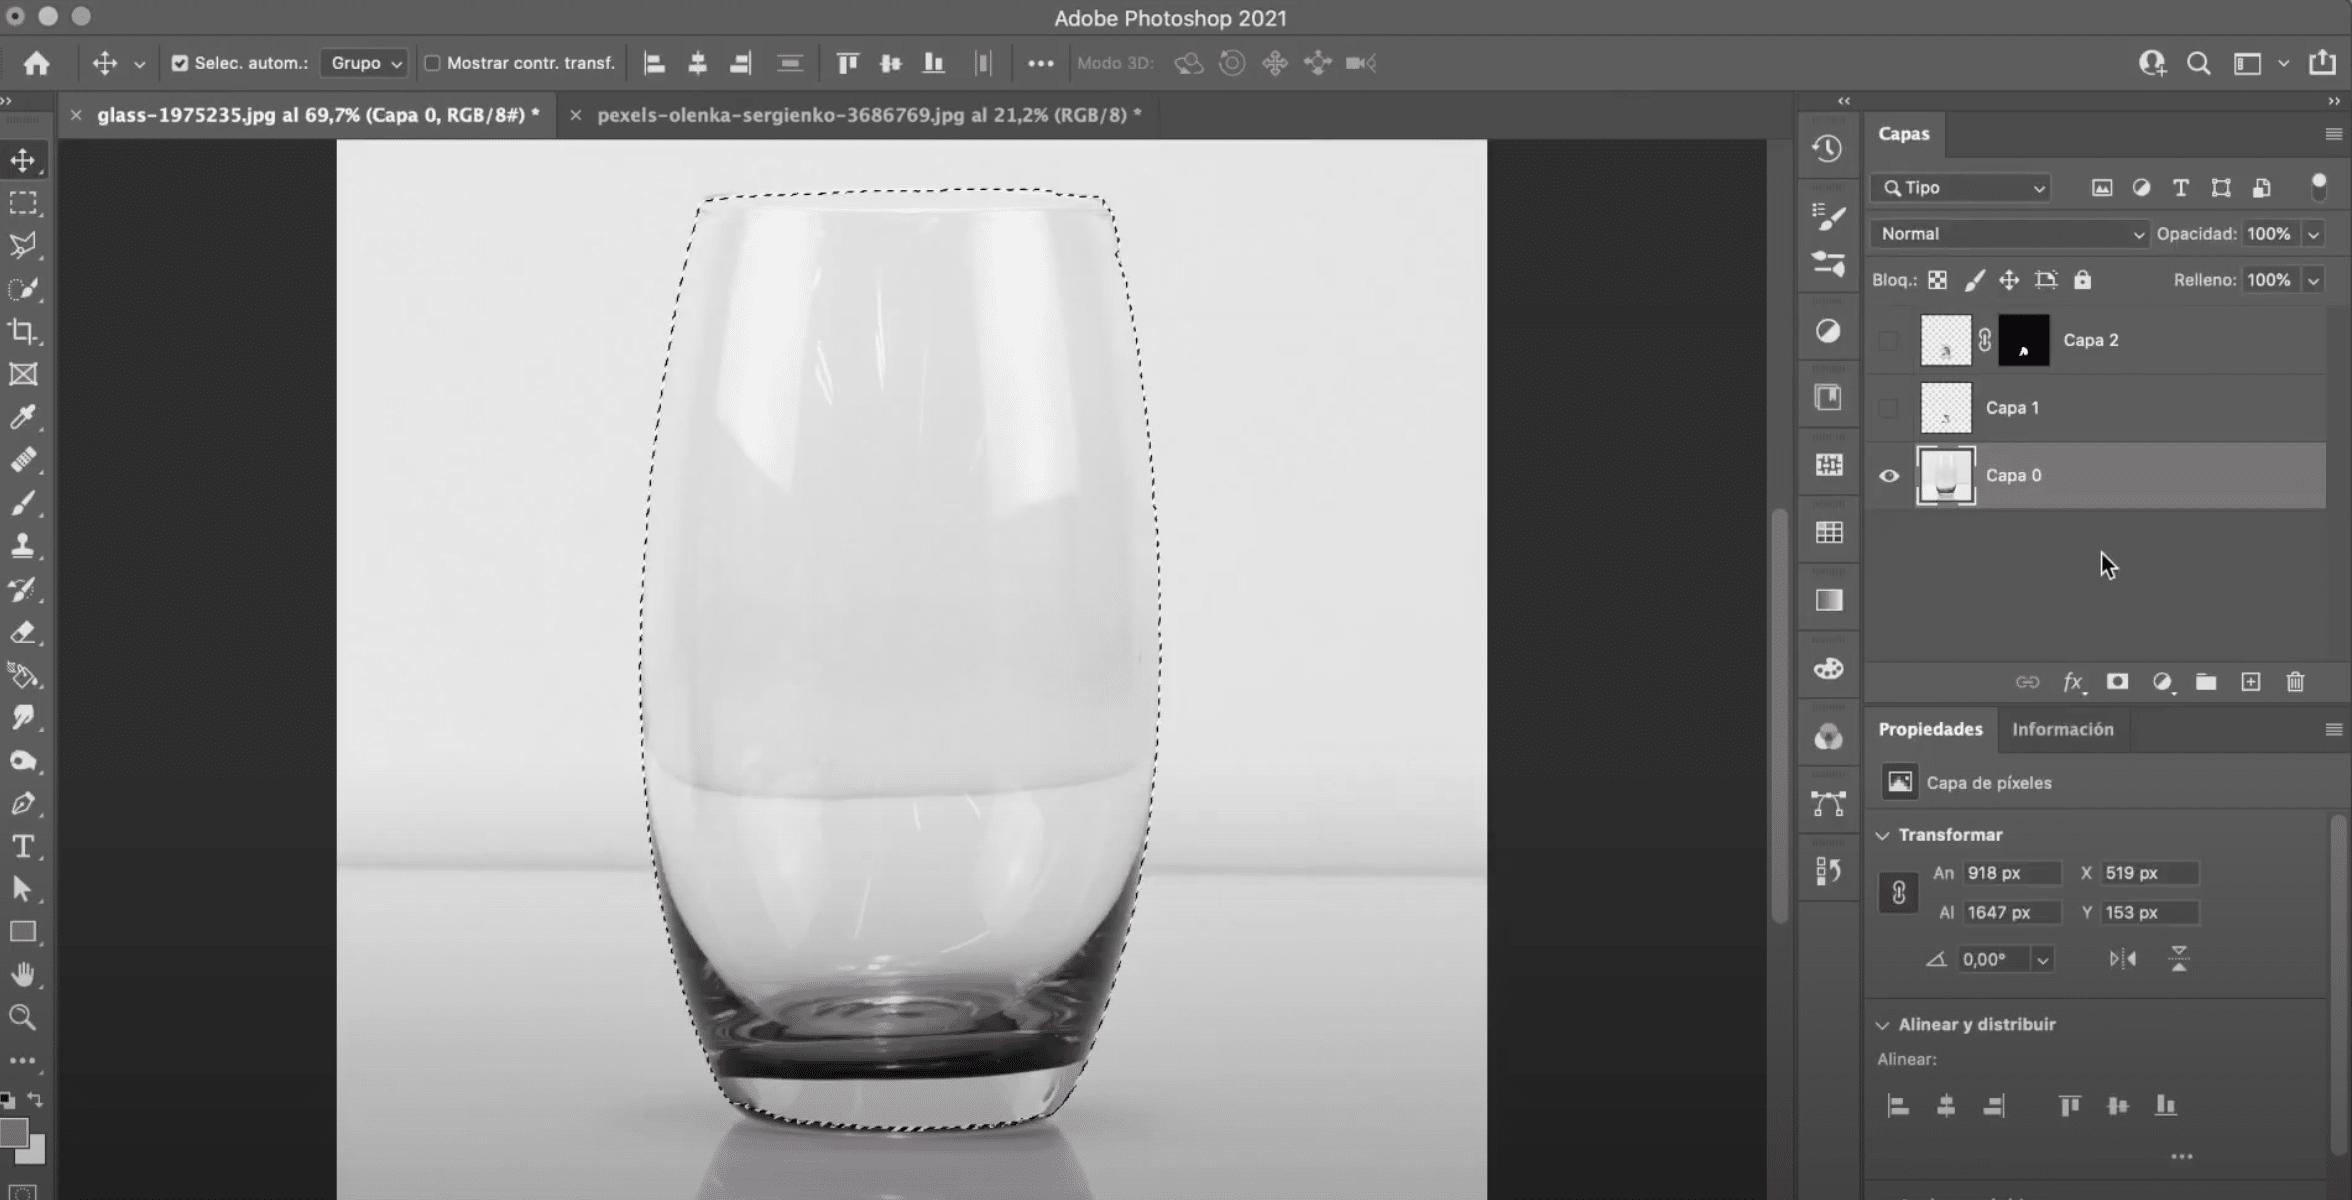 Selecciona con la herramienta selección rápida en Photoshop